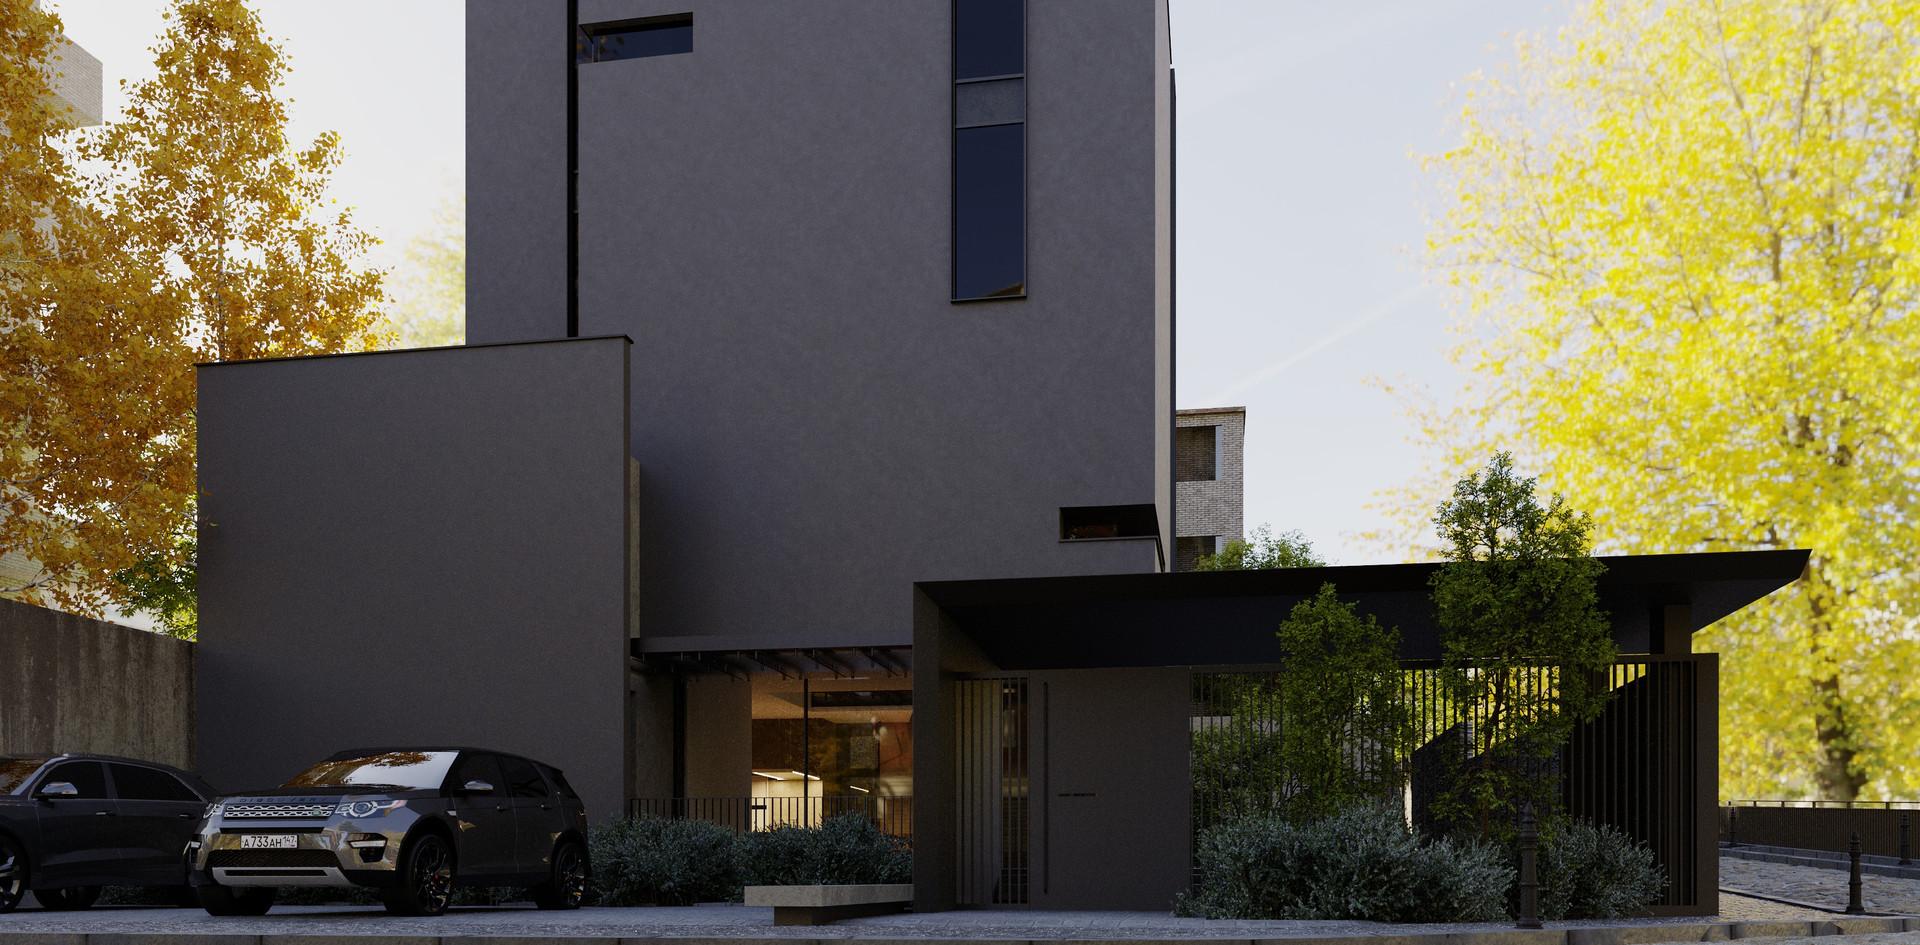 Tree house facade